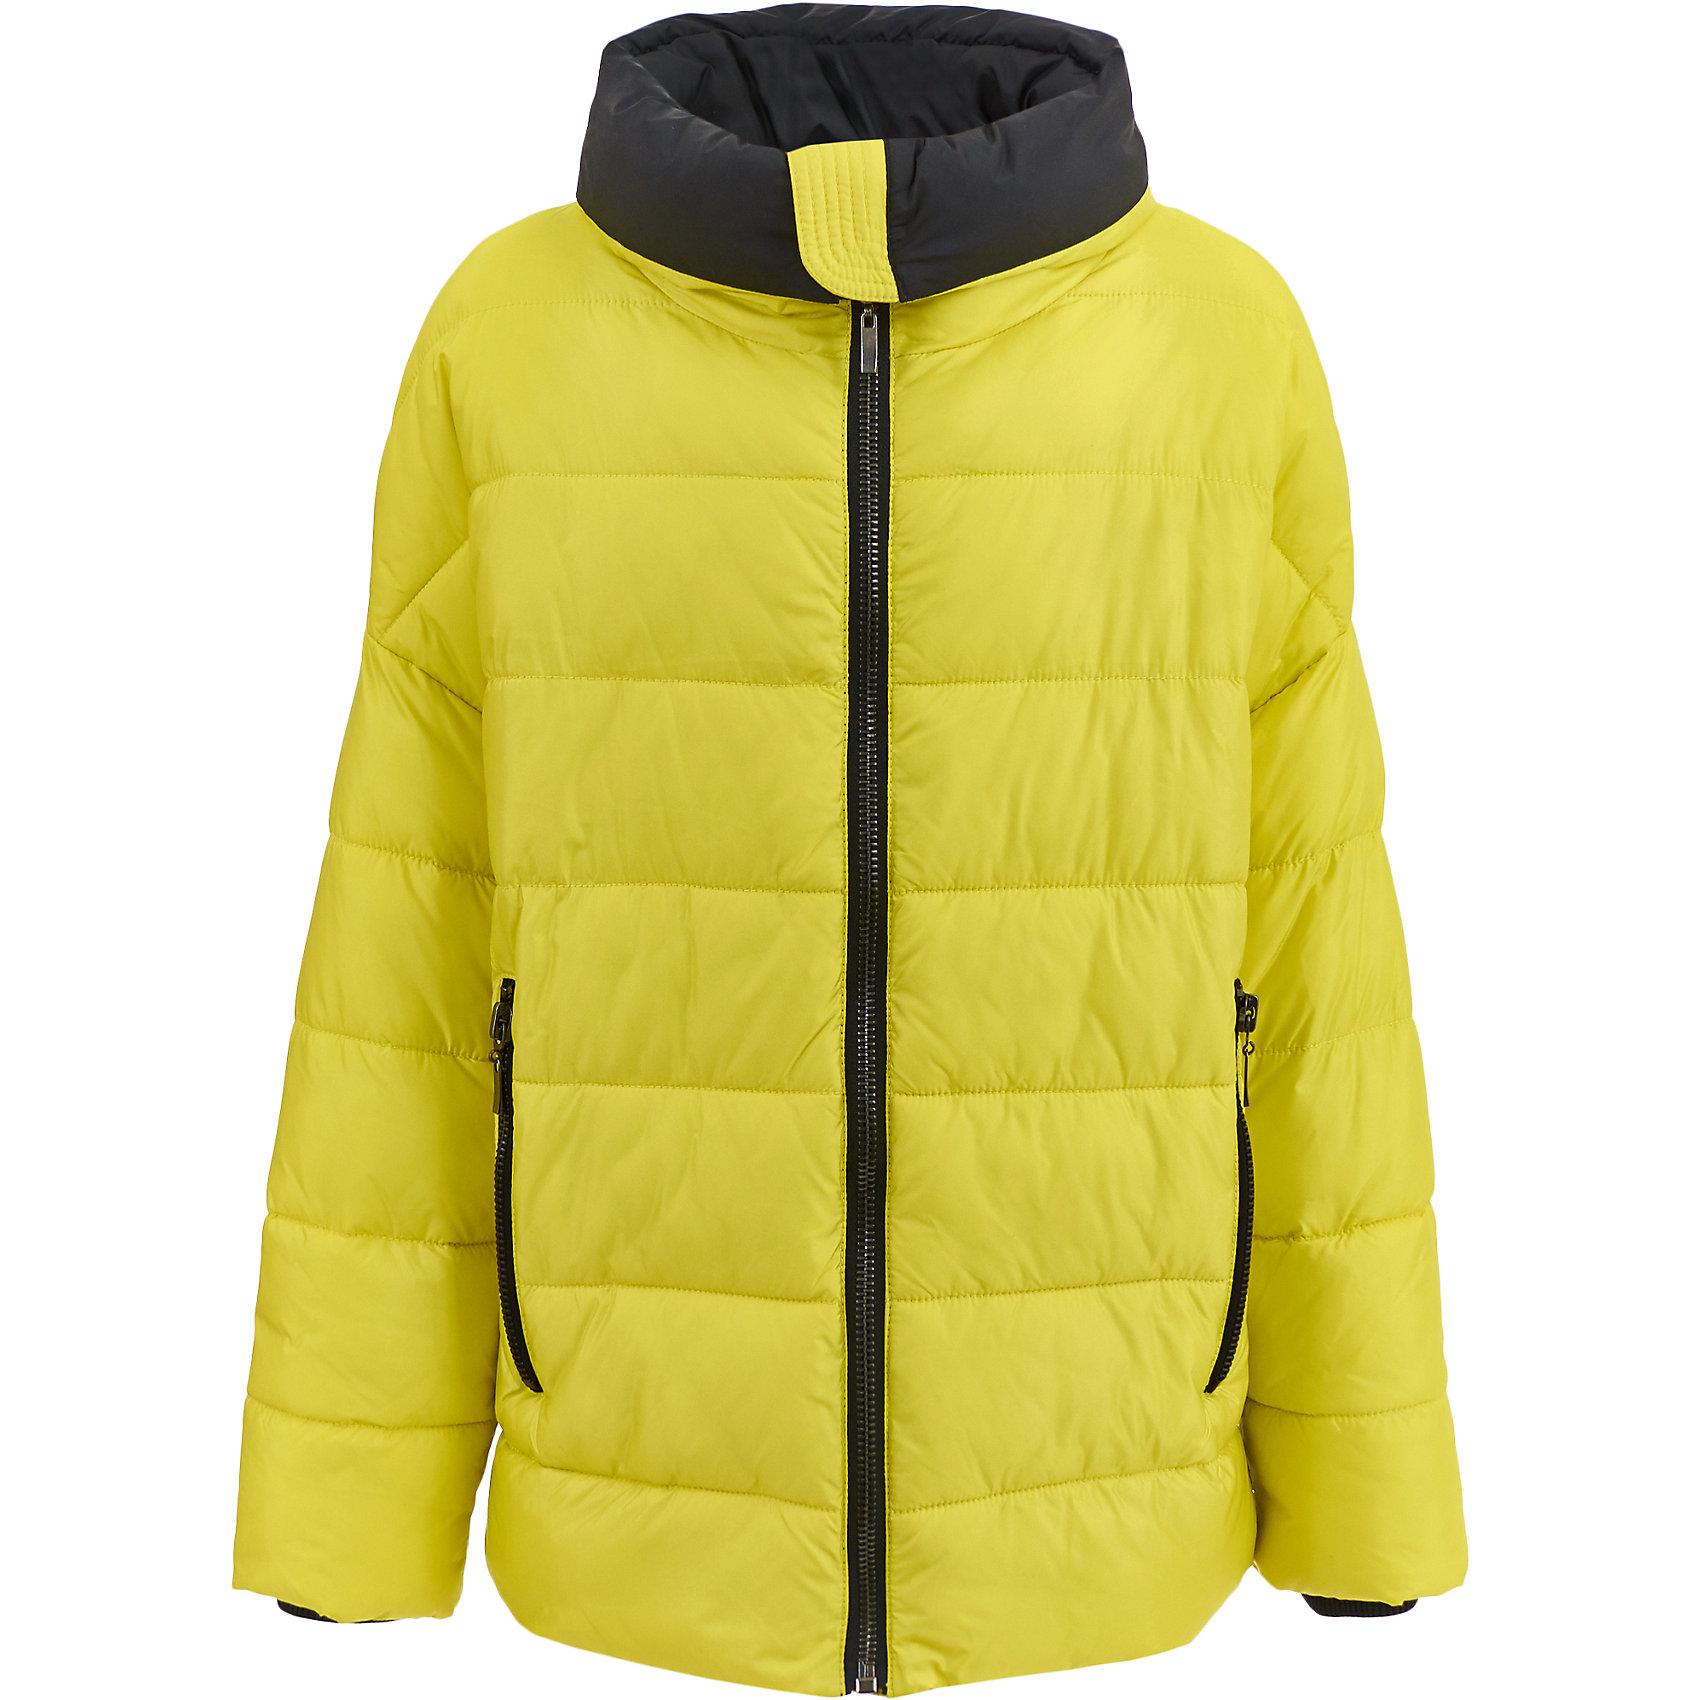 Куртка Gulliver для девочкиДемисезонные куртки<br>Куртка Gulliver для девочки<br>Хит сезона Осень/Зима 2017/2018 - черное платье в клетку! Оно выглядит смело, необычно, оригинально и поэтому имеет все шансы понравиться стильной девочке-подростку. Если вы хотите купить детское платье, присмотритесь к этой модели! Модное и комфортное, оно подчеркнет индивидуальность ребенка, сделав ее образ ярким и интересным.<br>Состав:<br>верх: 27% вискоза 7% хлопок 63% полиэстер 3% эластан; подкладка: 50% вискоза 50% полиэстер<br><br>Ширина мм: 356<br>Глубина мм: 10<br>Высота мм: 245<br>Вес г: 519<br>Цвет: желтый<br>Возраст от месяцев: 156<br>Возраст до месяцев: 168<br>Пол: Женский<br>Возраст: Детский<br>Размер: 164,146,152,158<br>SKU: 7077231